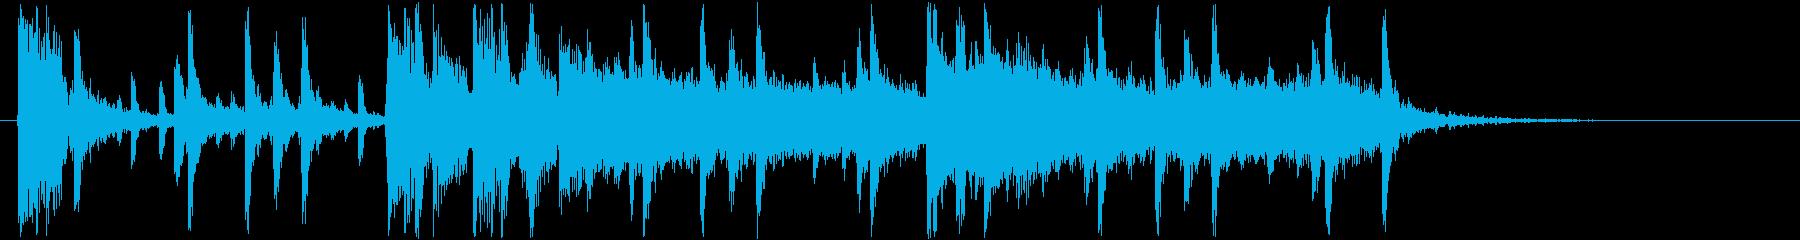 緩やかでシンプルなロックジングルの再生済みの波形